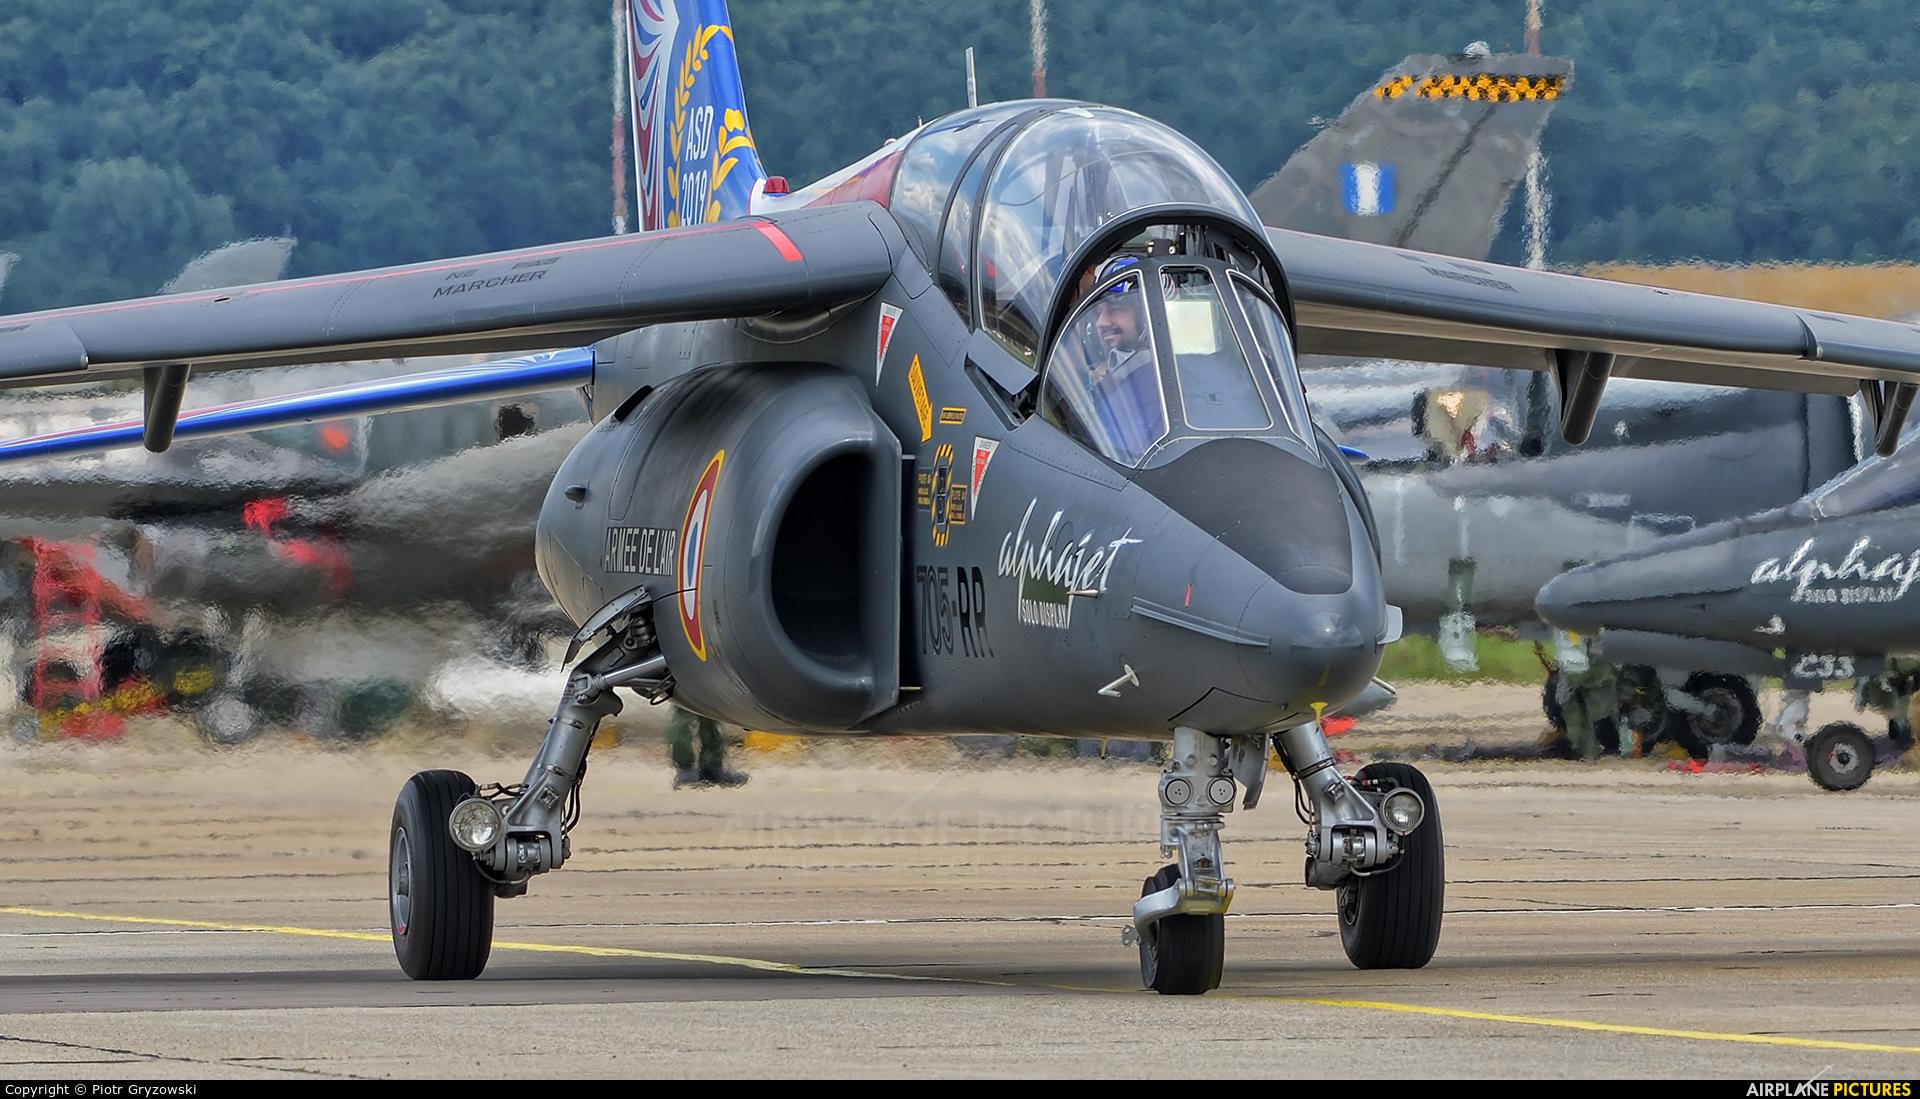 France - Air Force E114 aircraft at Sliač